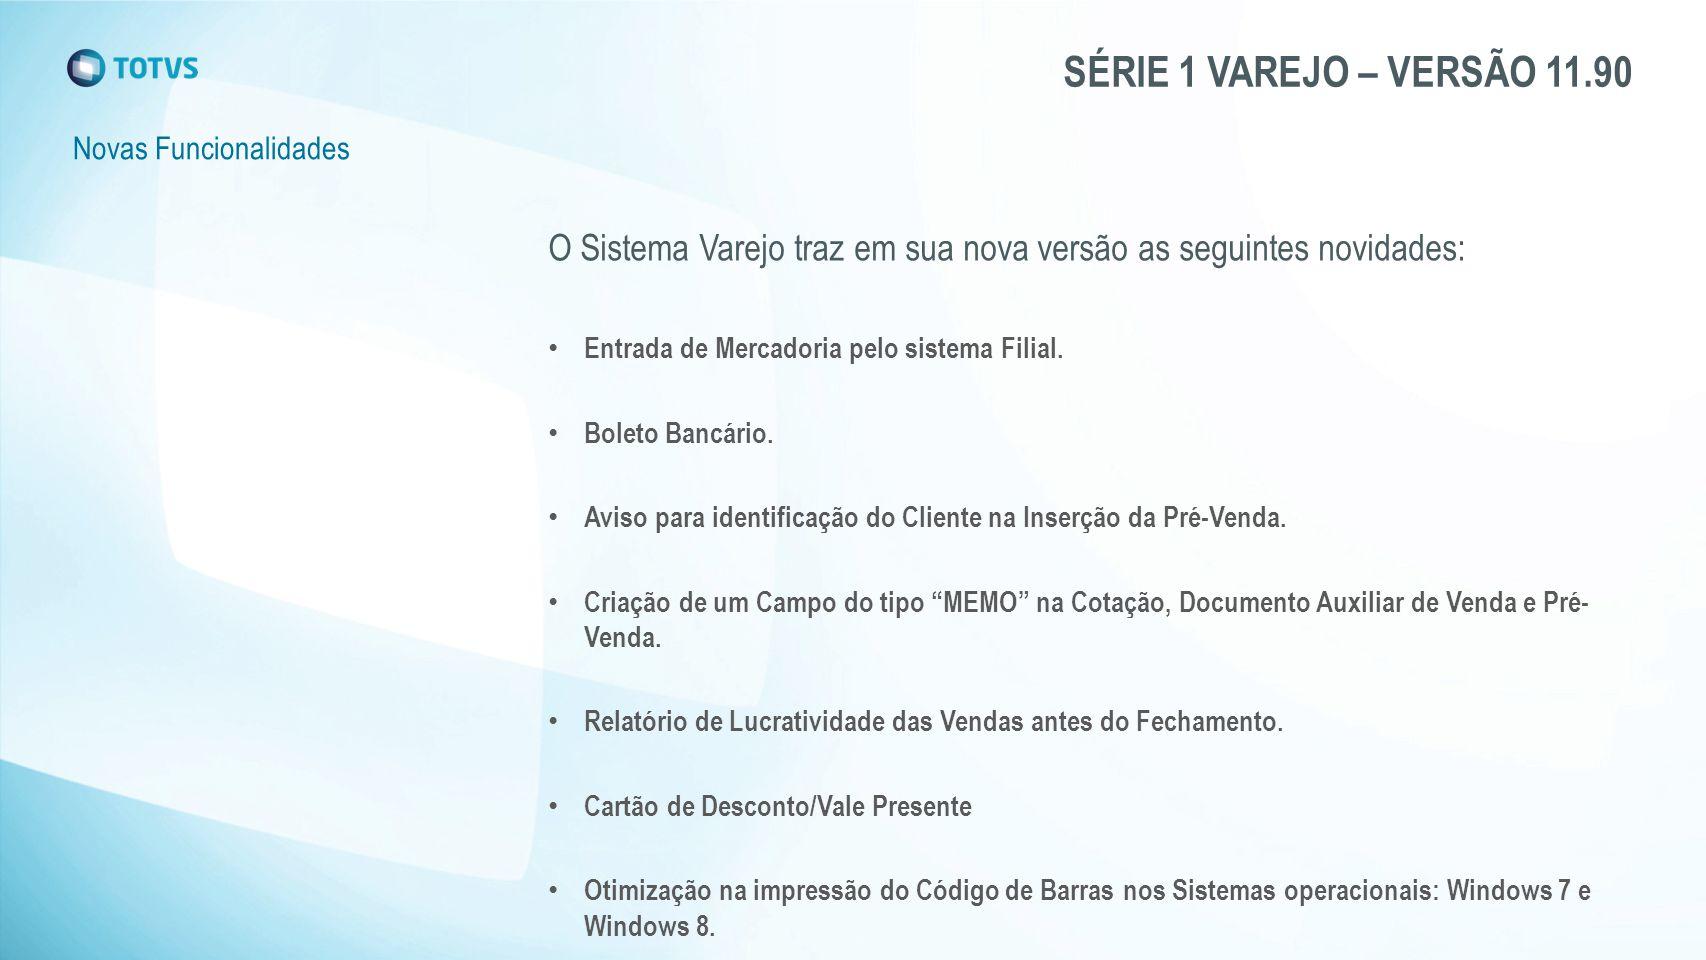 SÉRIE 1 VAREJO – VERSÃO 11.90 Otimização do processo de instalação (Software Cliente).